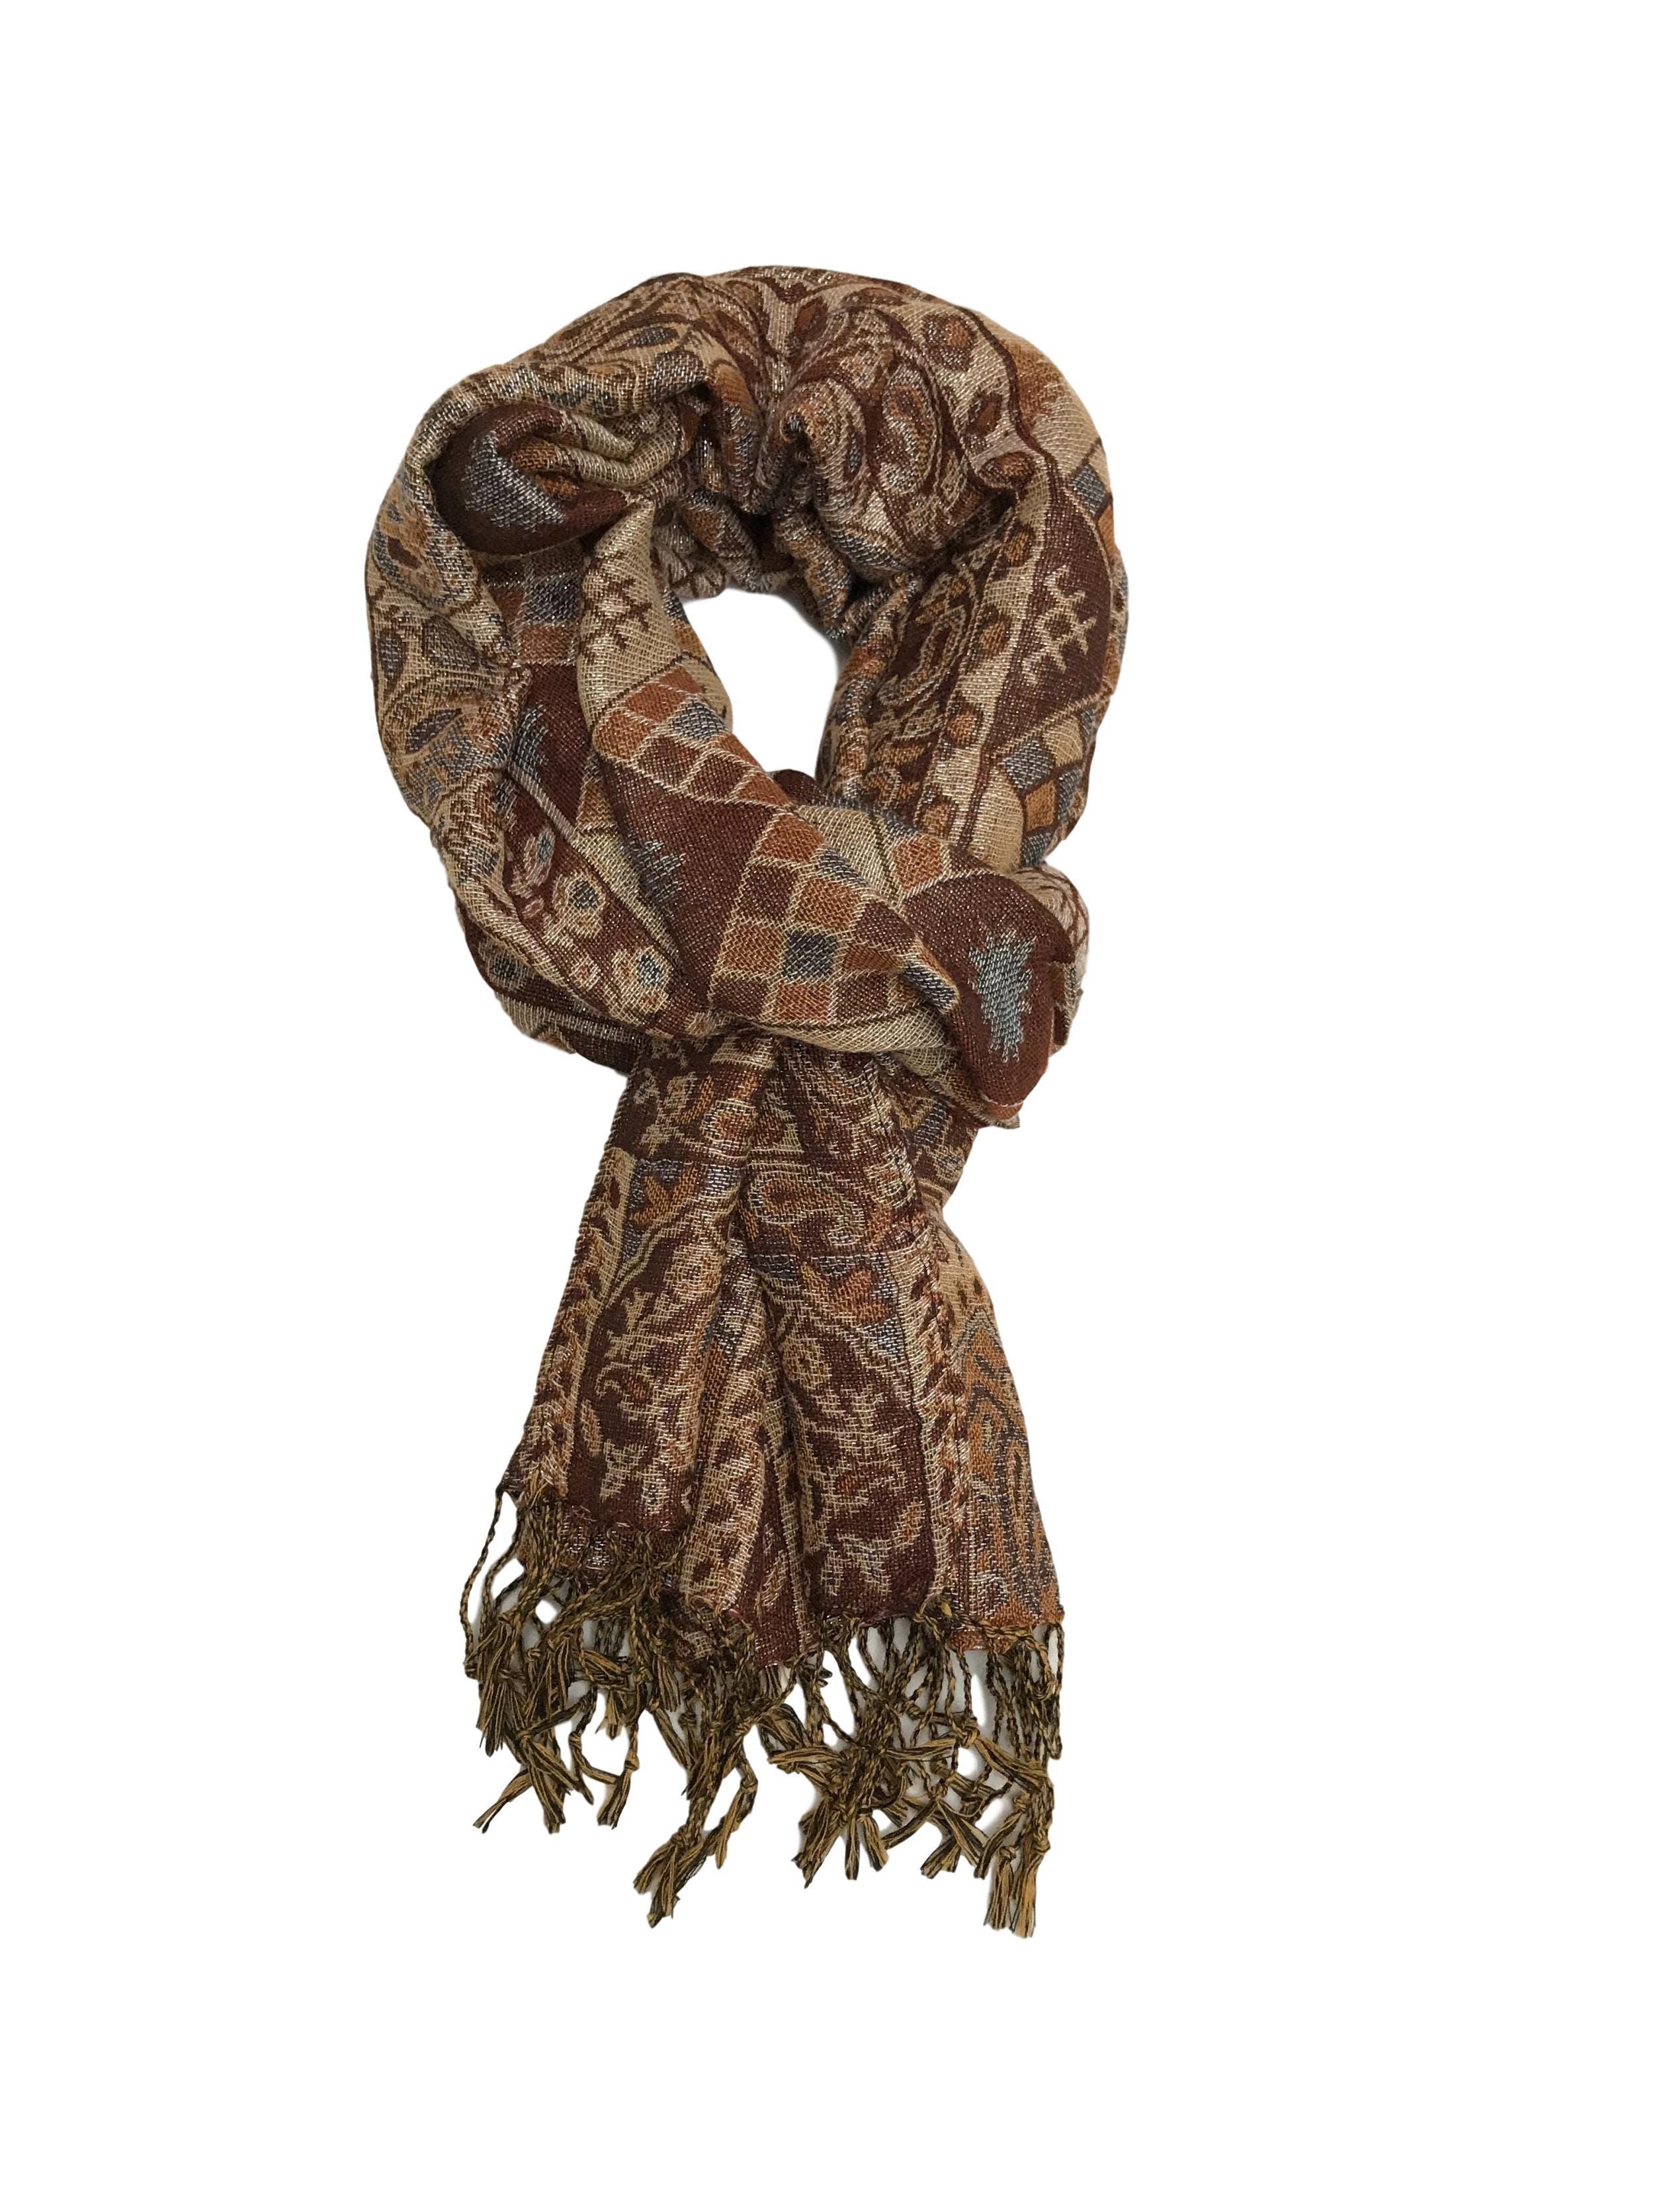 Bufanda en tonos marrones y plateado con flecos. Medidas 174x70cm